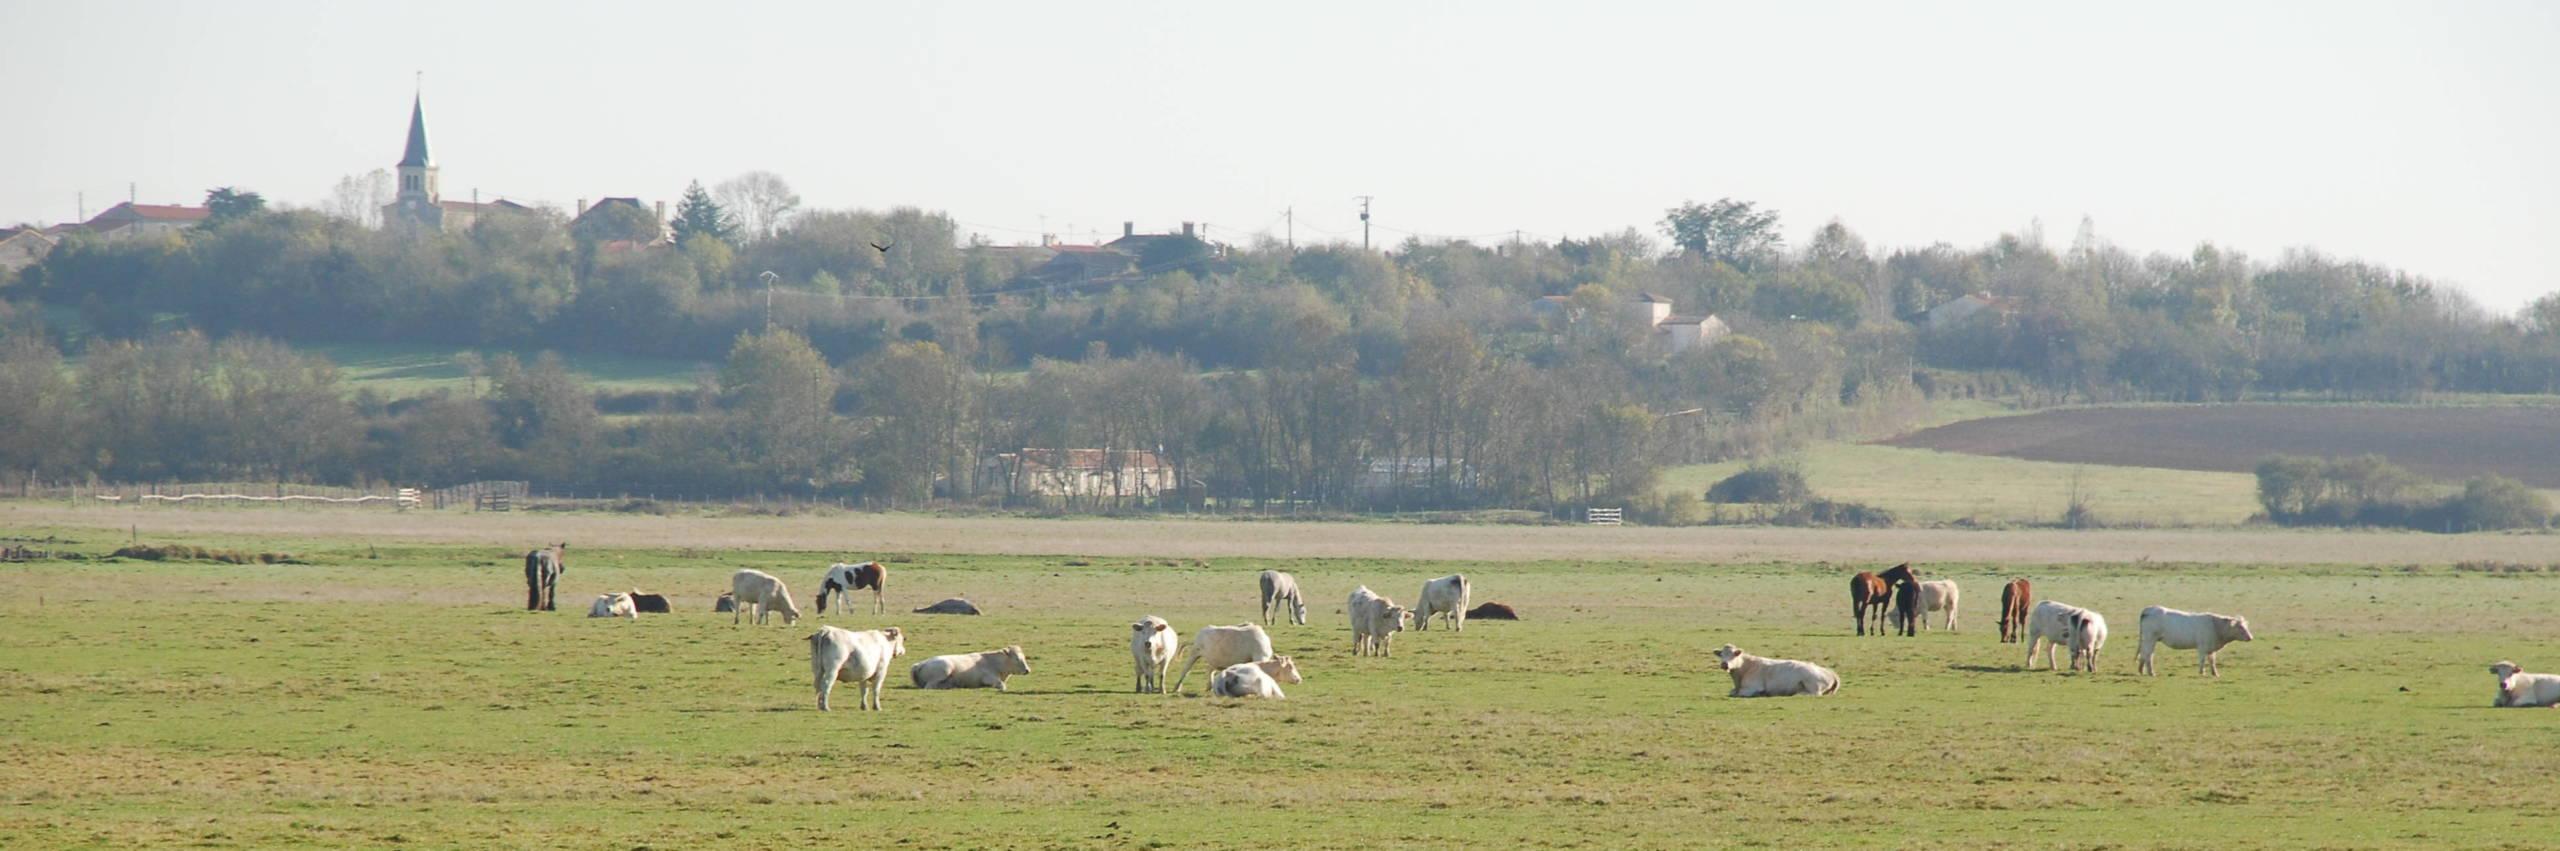 Une viande bovine marquée Valeurs Parc naturel régional